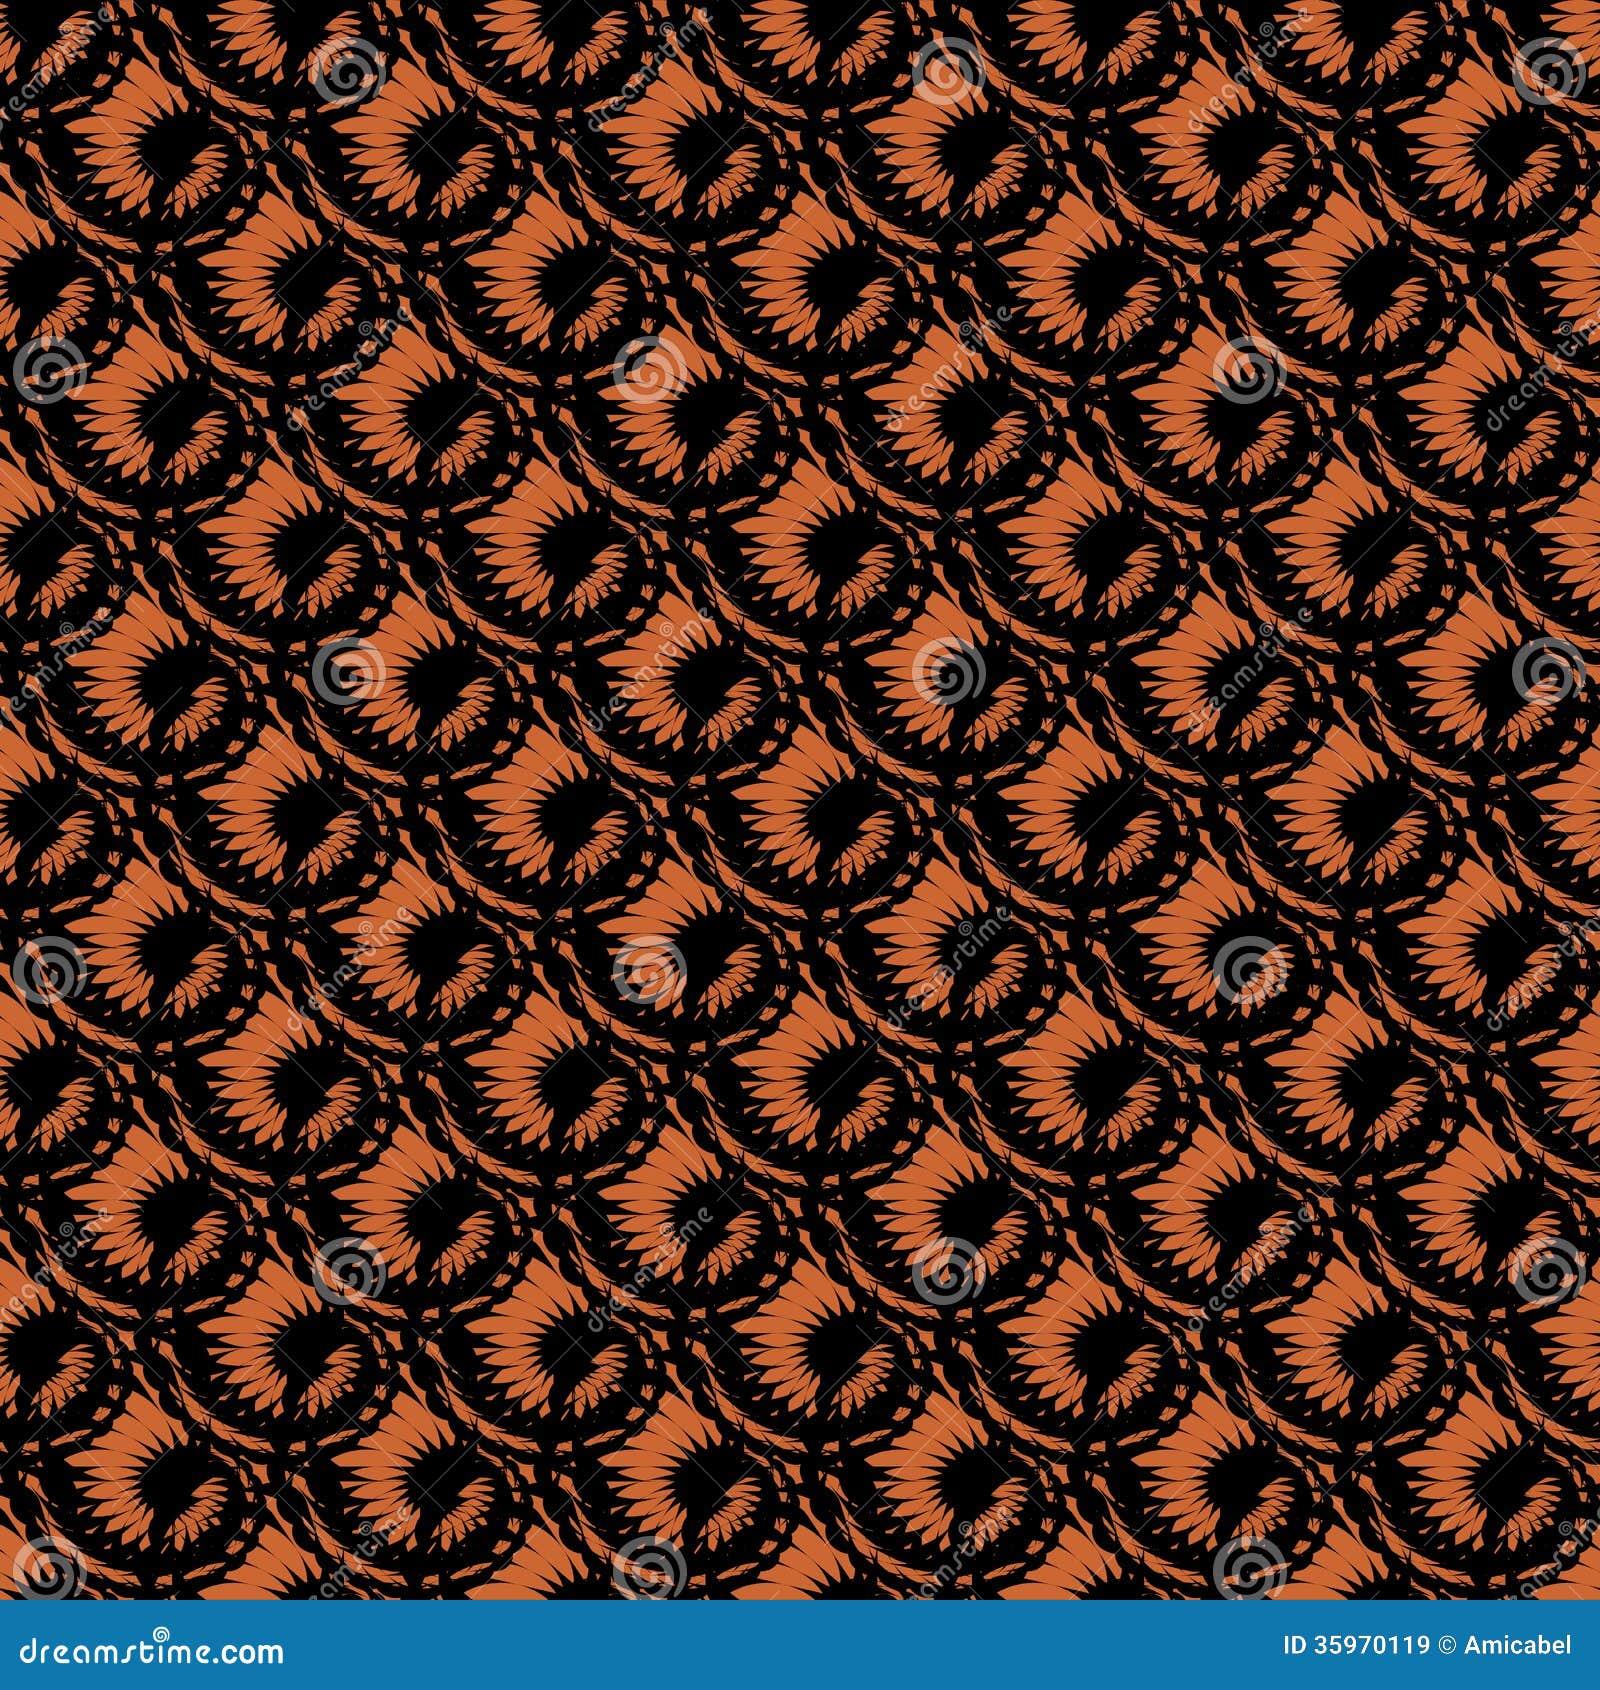 Design seamless spiral diagonal pattern. Trellis b